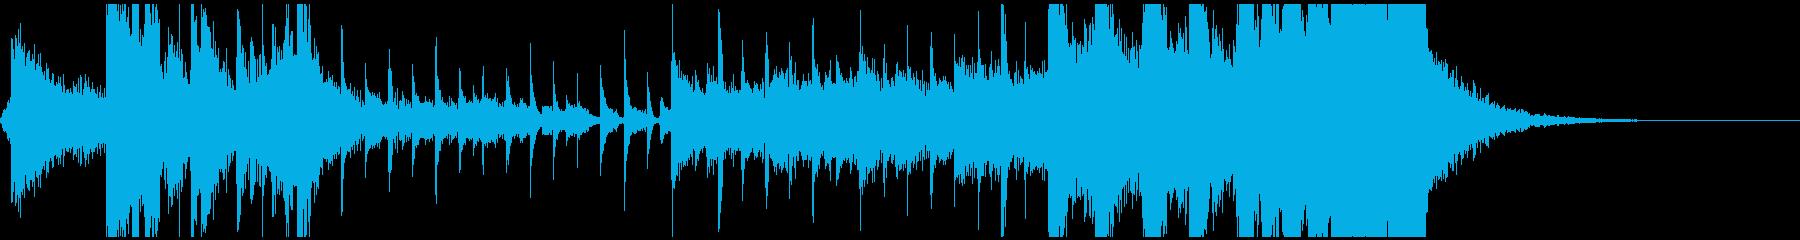 クイズシンキングタイムSE15秒タイプの再生済みの波形